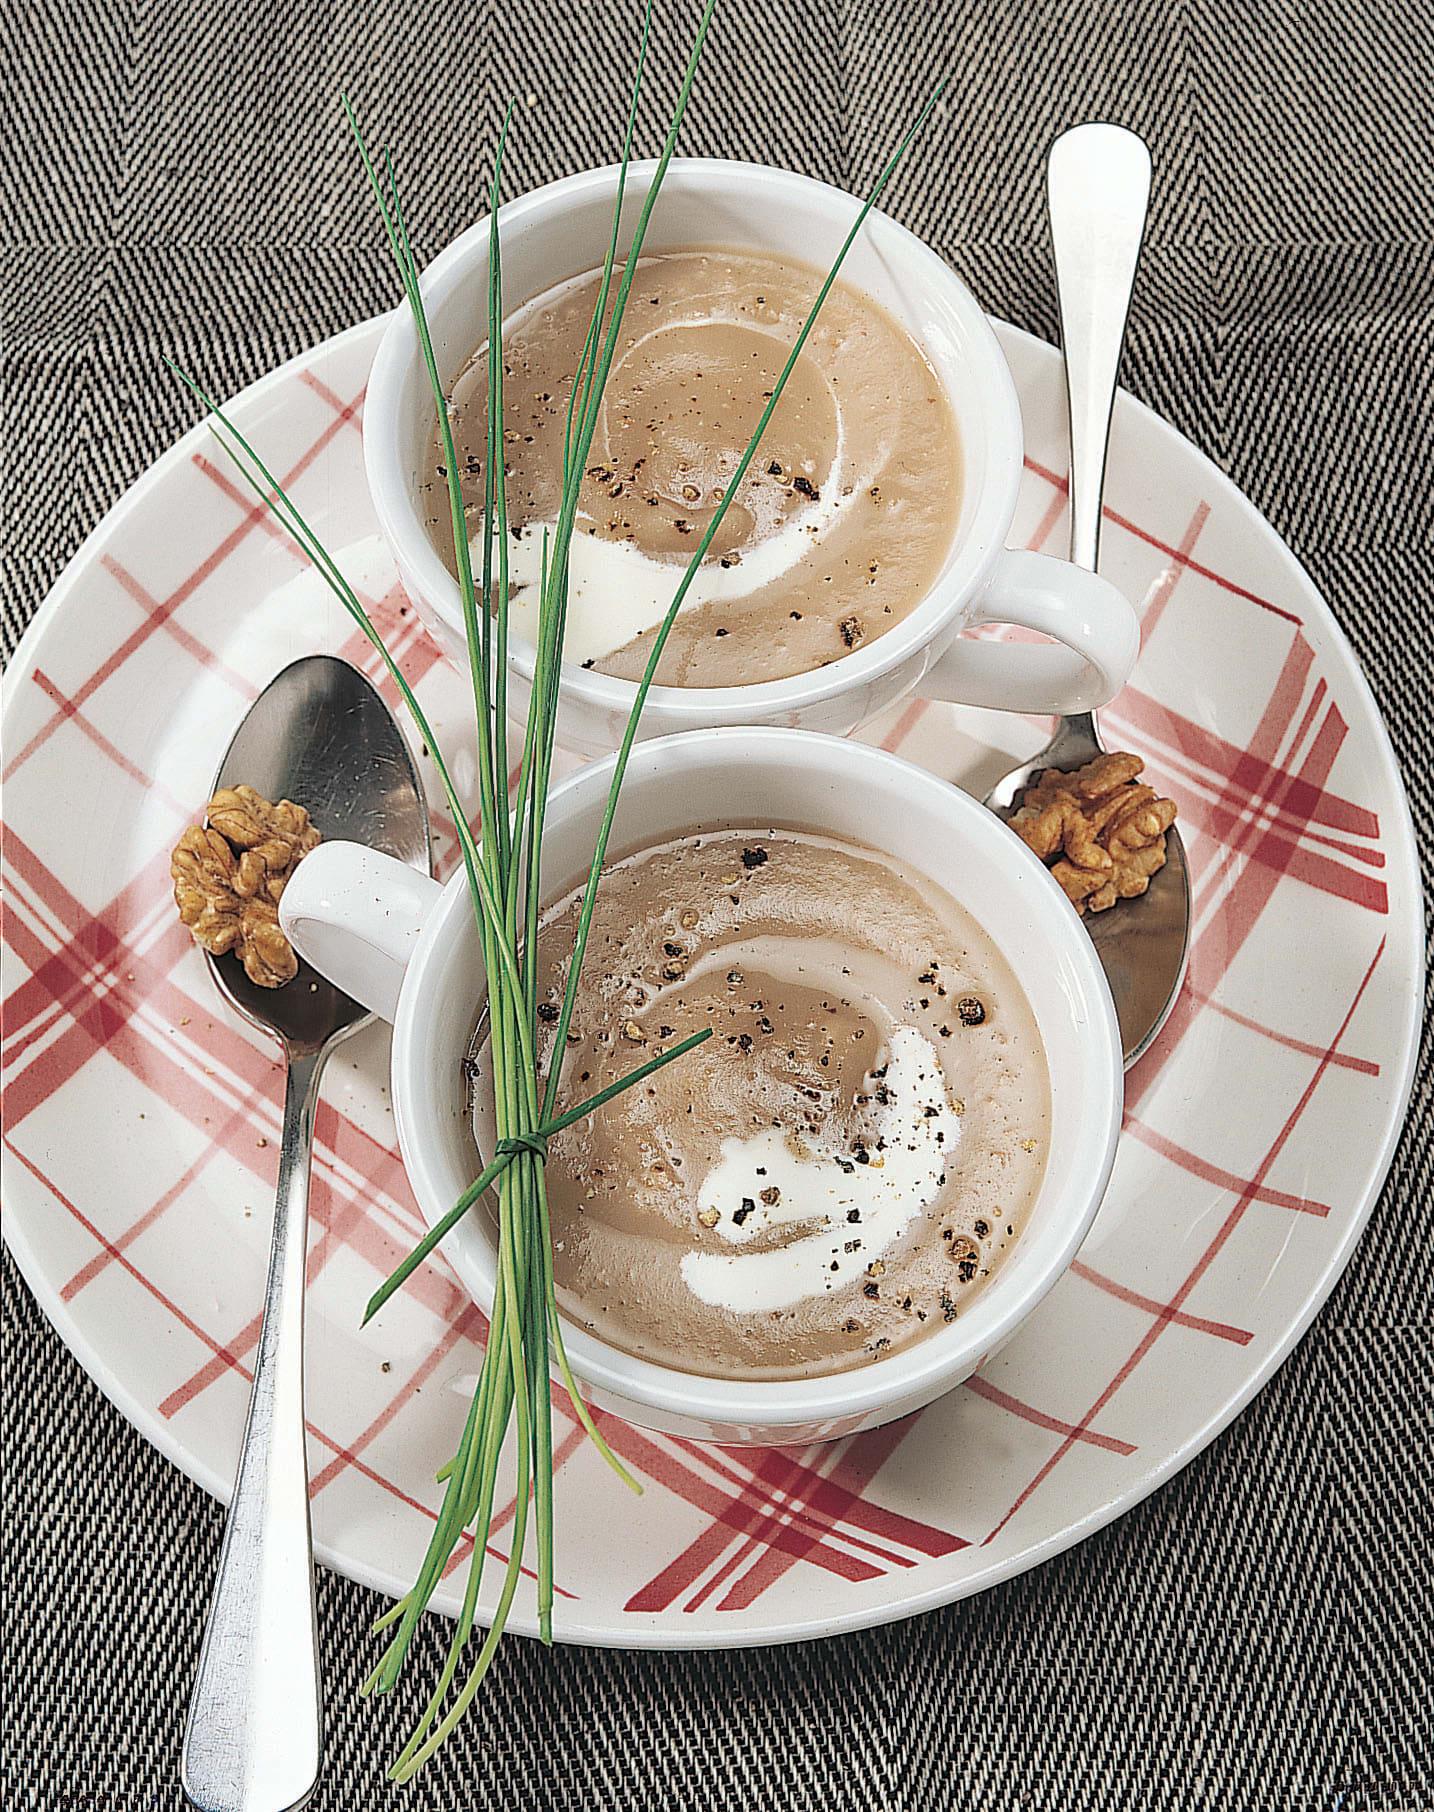 Baumnuss-Suppe